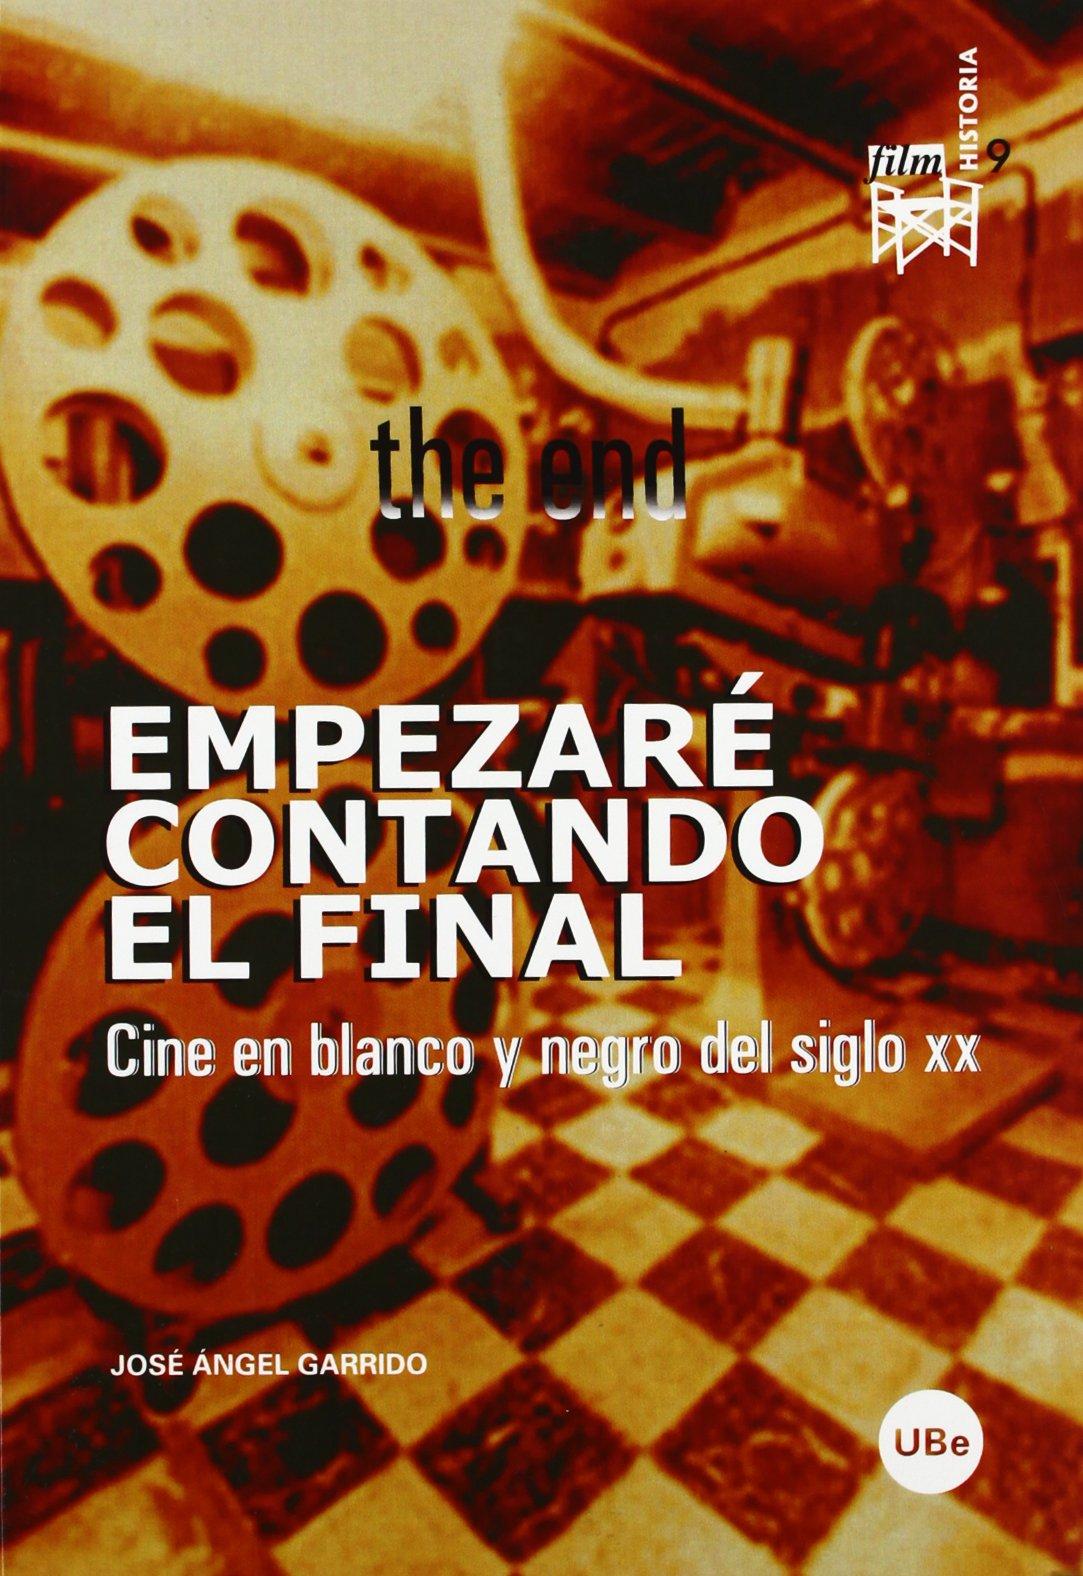 Download Empezaré contando el final. Cine en blanco y negro del siglo XX. (Spanish Edition) ebook